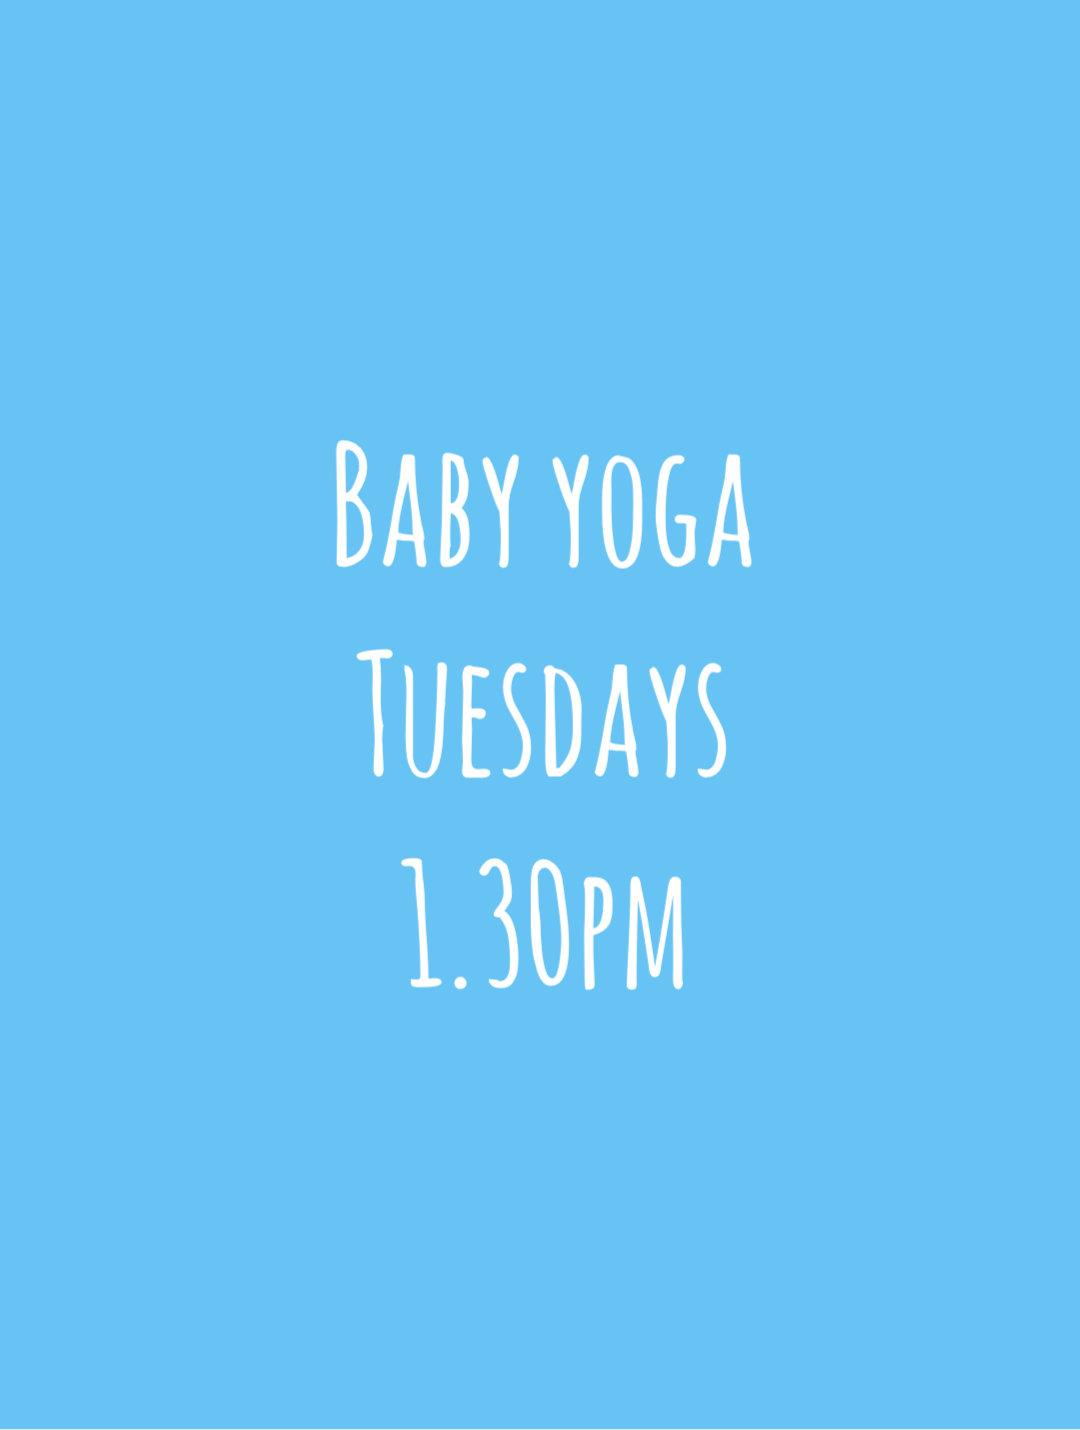 Happy Baby Yoga